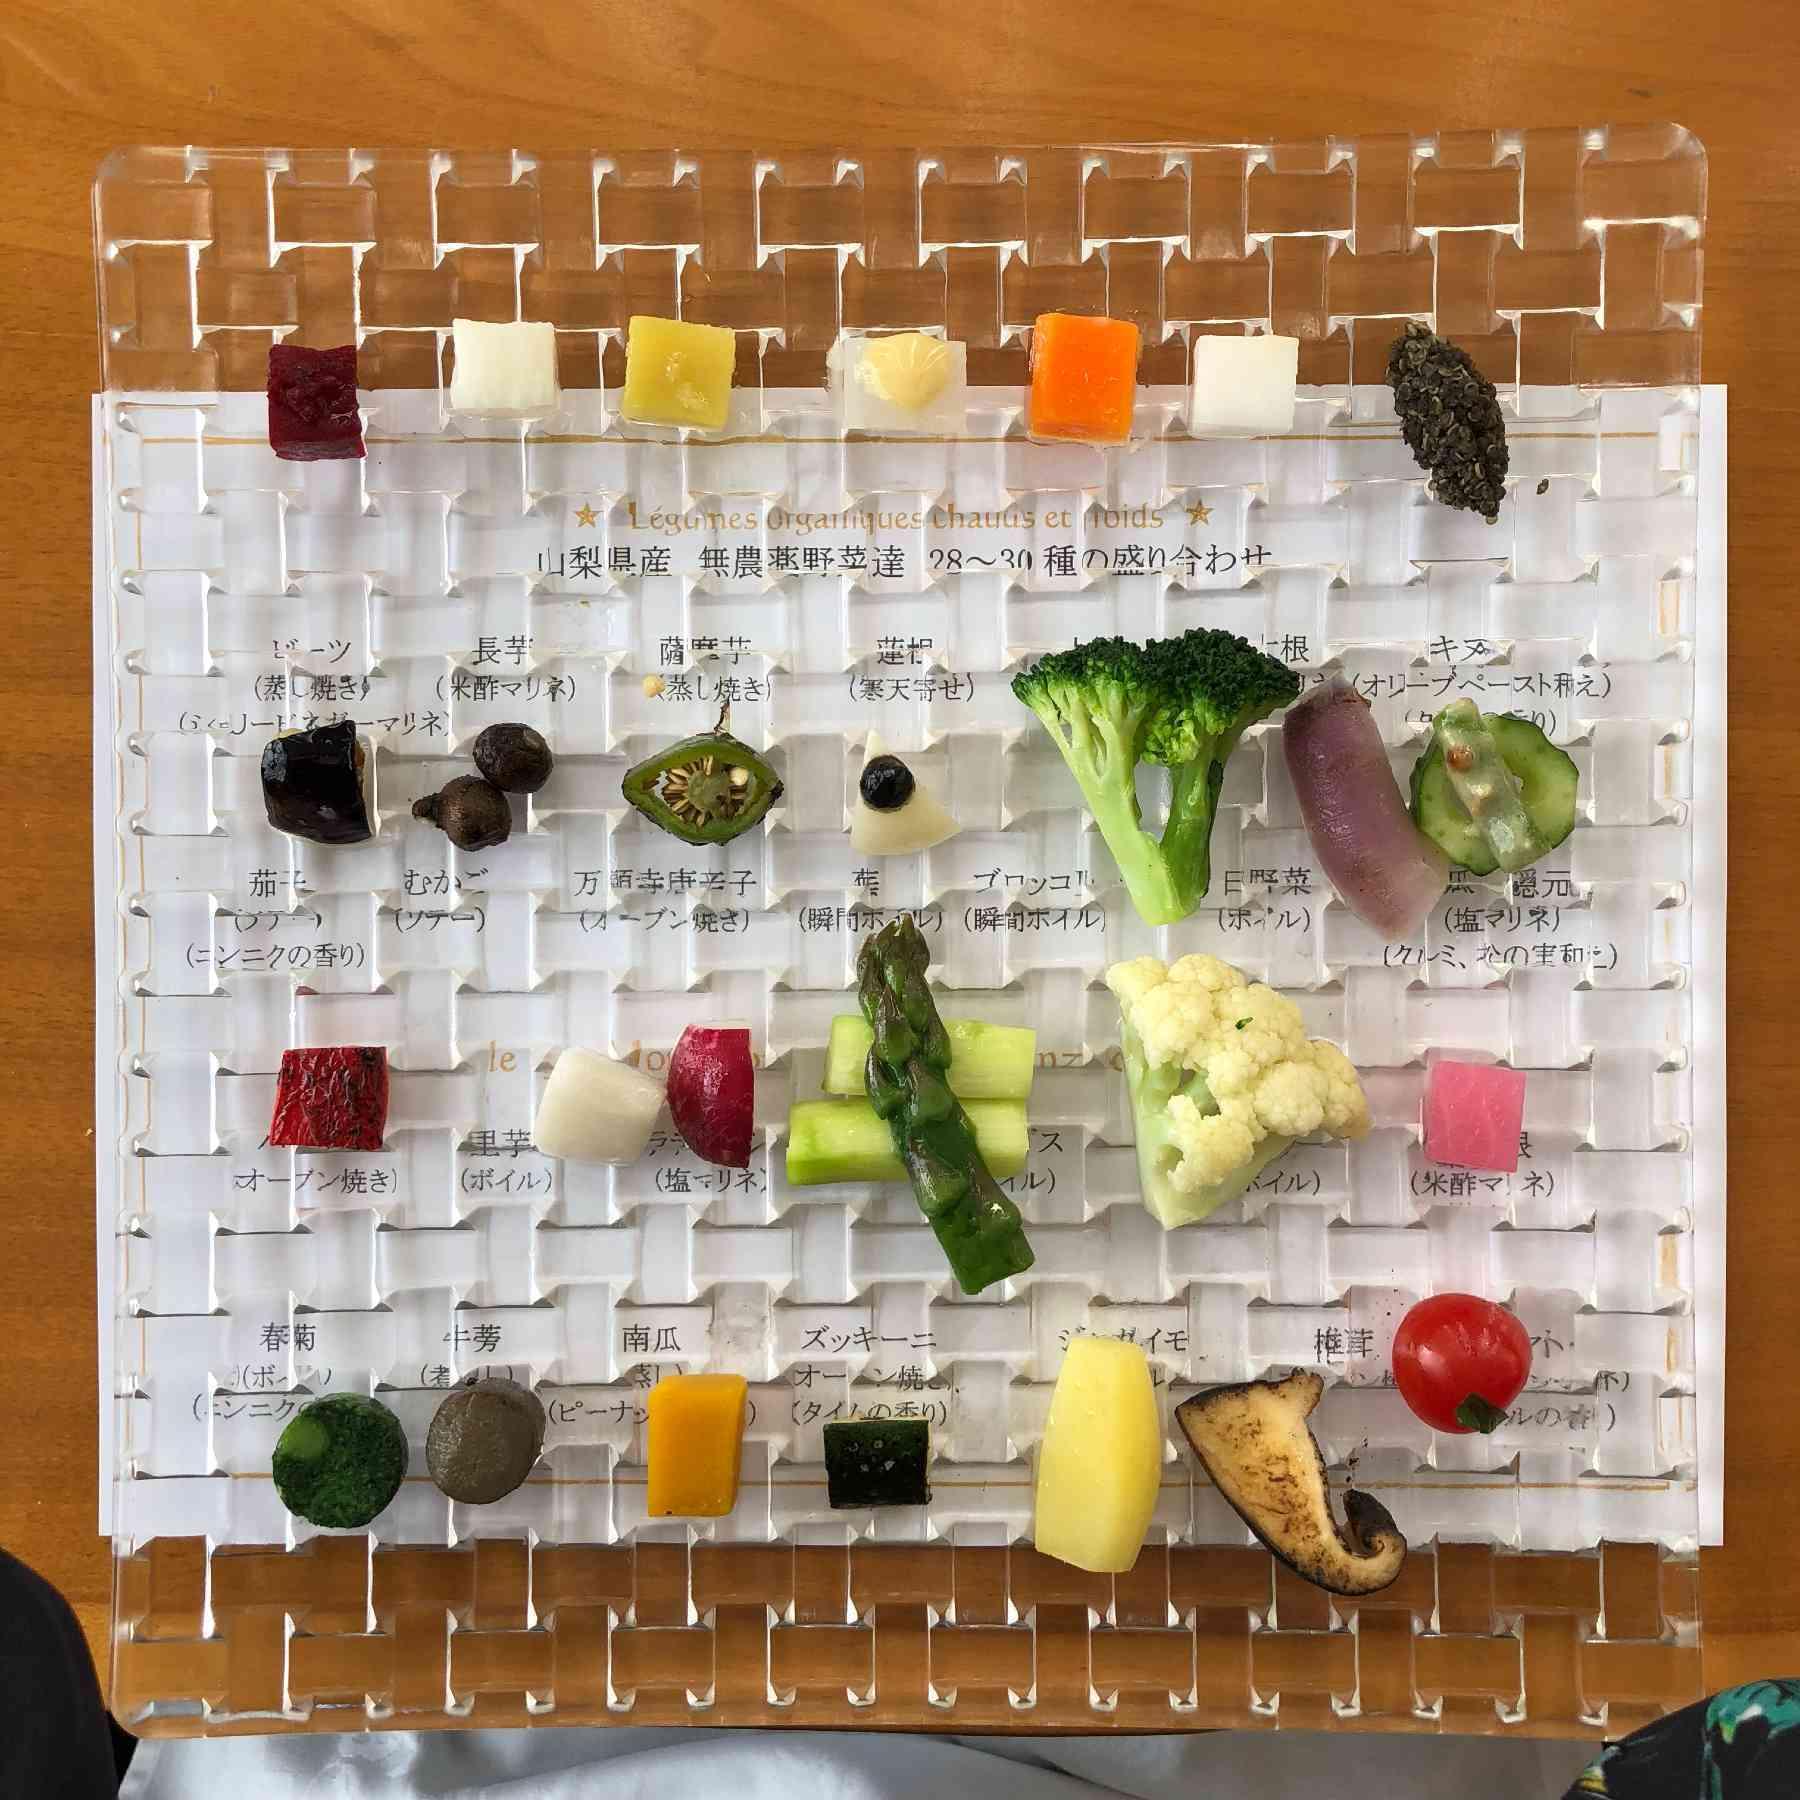 カラフルな有機野菜ランチで心も身体もHappyに_1_1-2